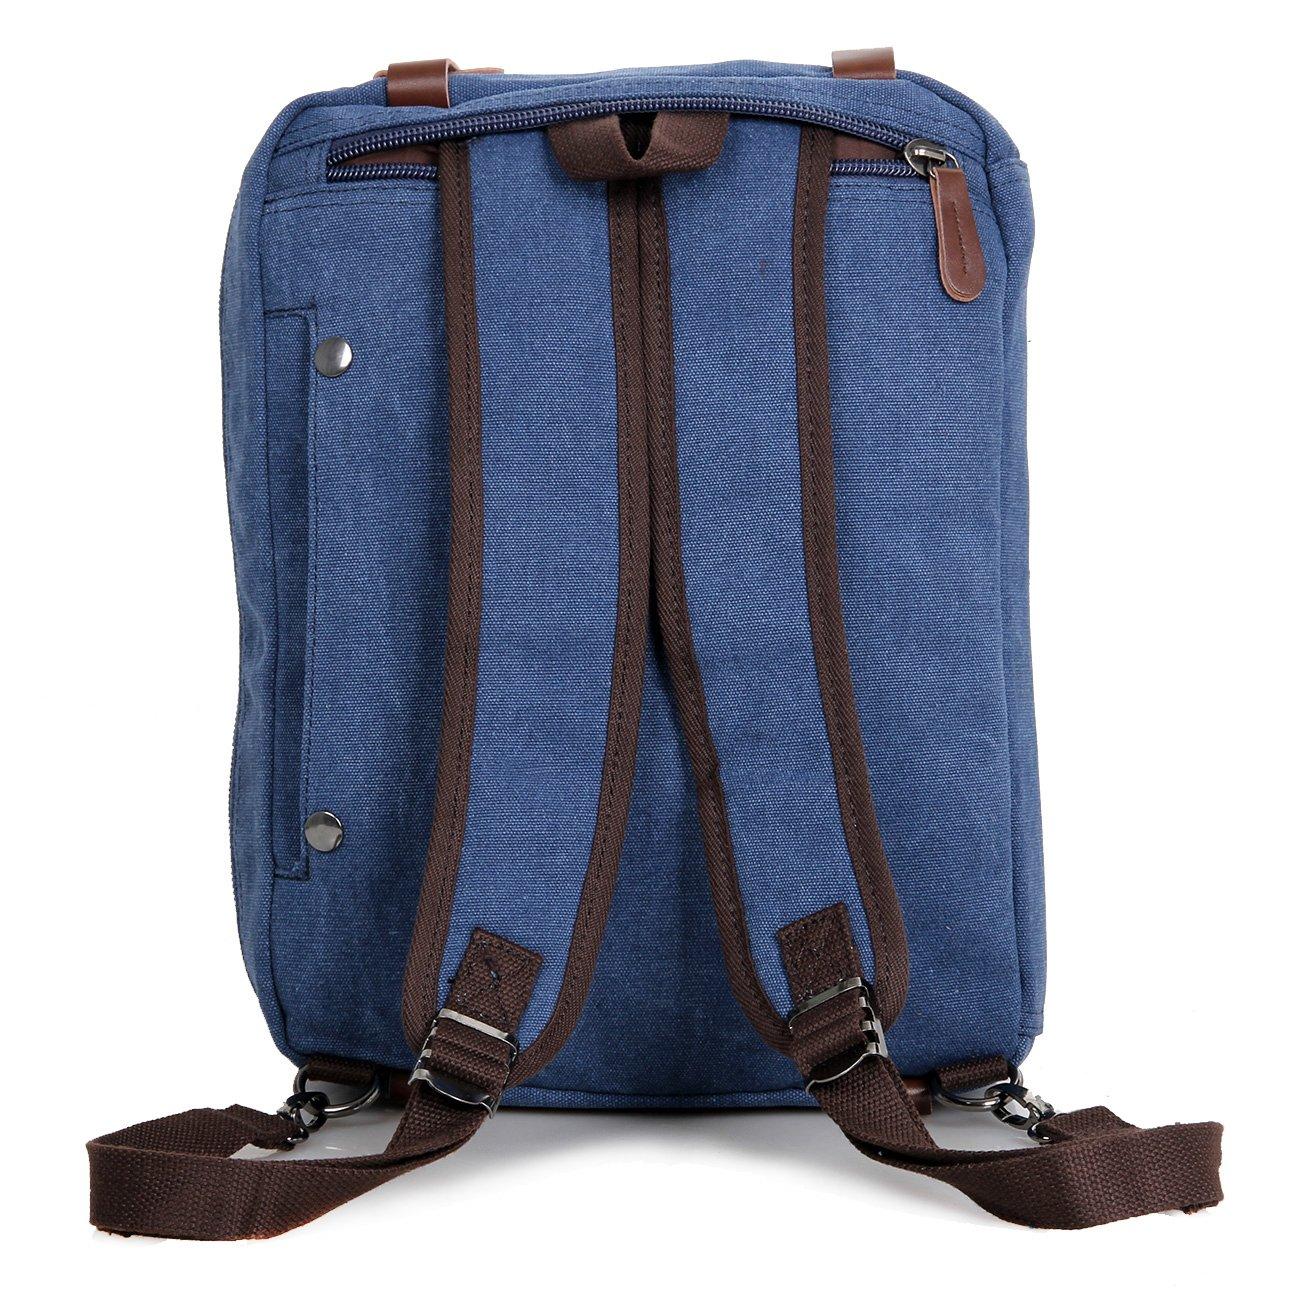 Clean Vintage Laptop Bag Hybrid Backpack Messenger Bag/Convertible Briefcase Backpack Satchel for Men Women- BookBag Rucksack Daypack-Waxed Canvas Leather, Blue by Clean Vintage (Image #2)